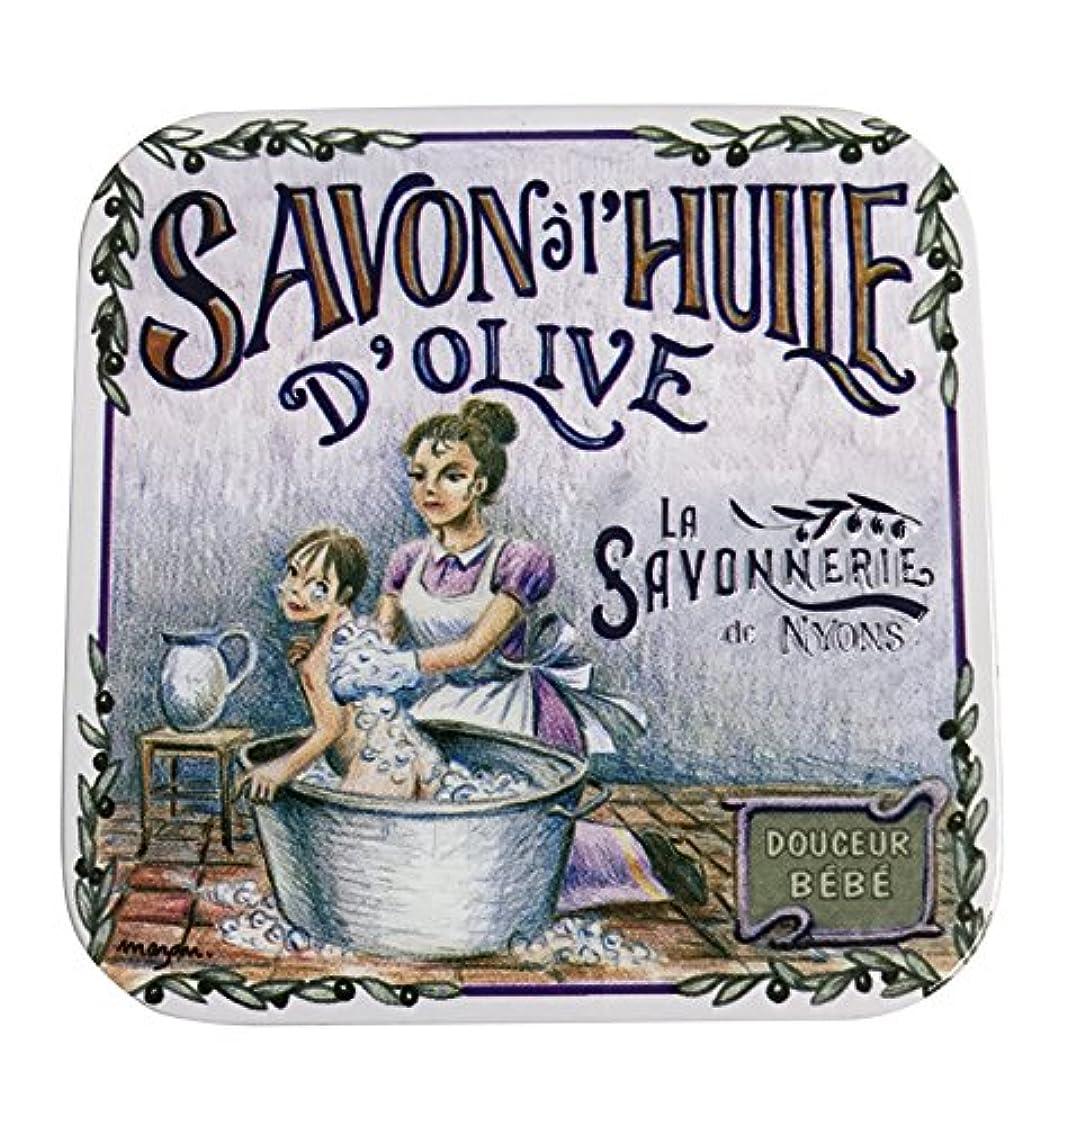 バラエティ癌検出可能ラ?サボネリー アンティーク缶入り石鹸 タイプ100 ハウスワイフ(ローズ)